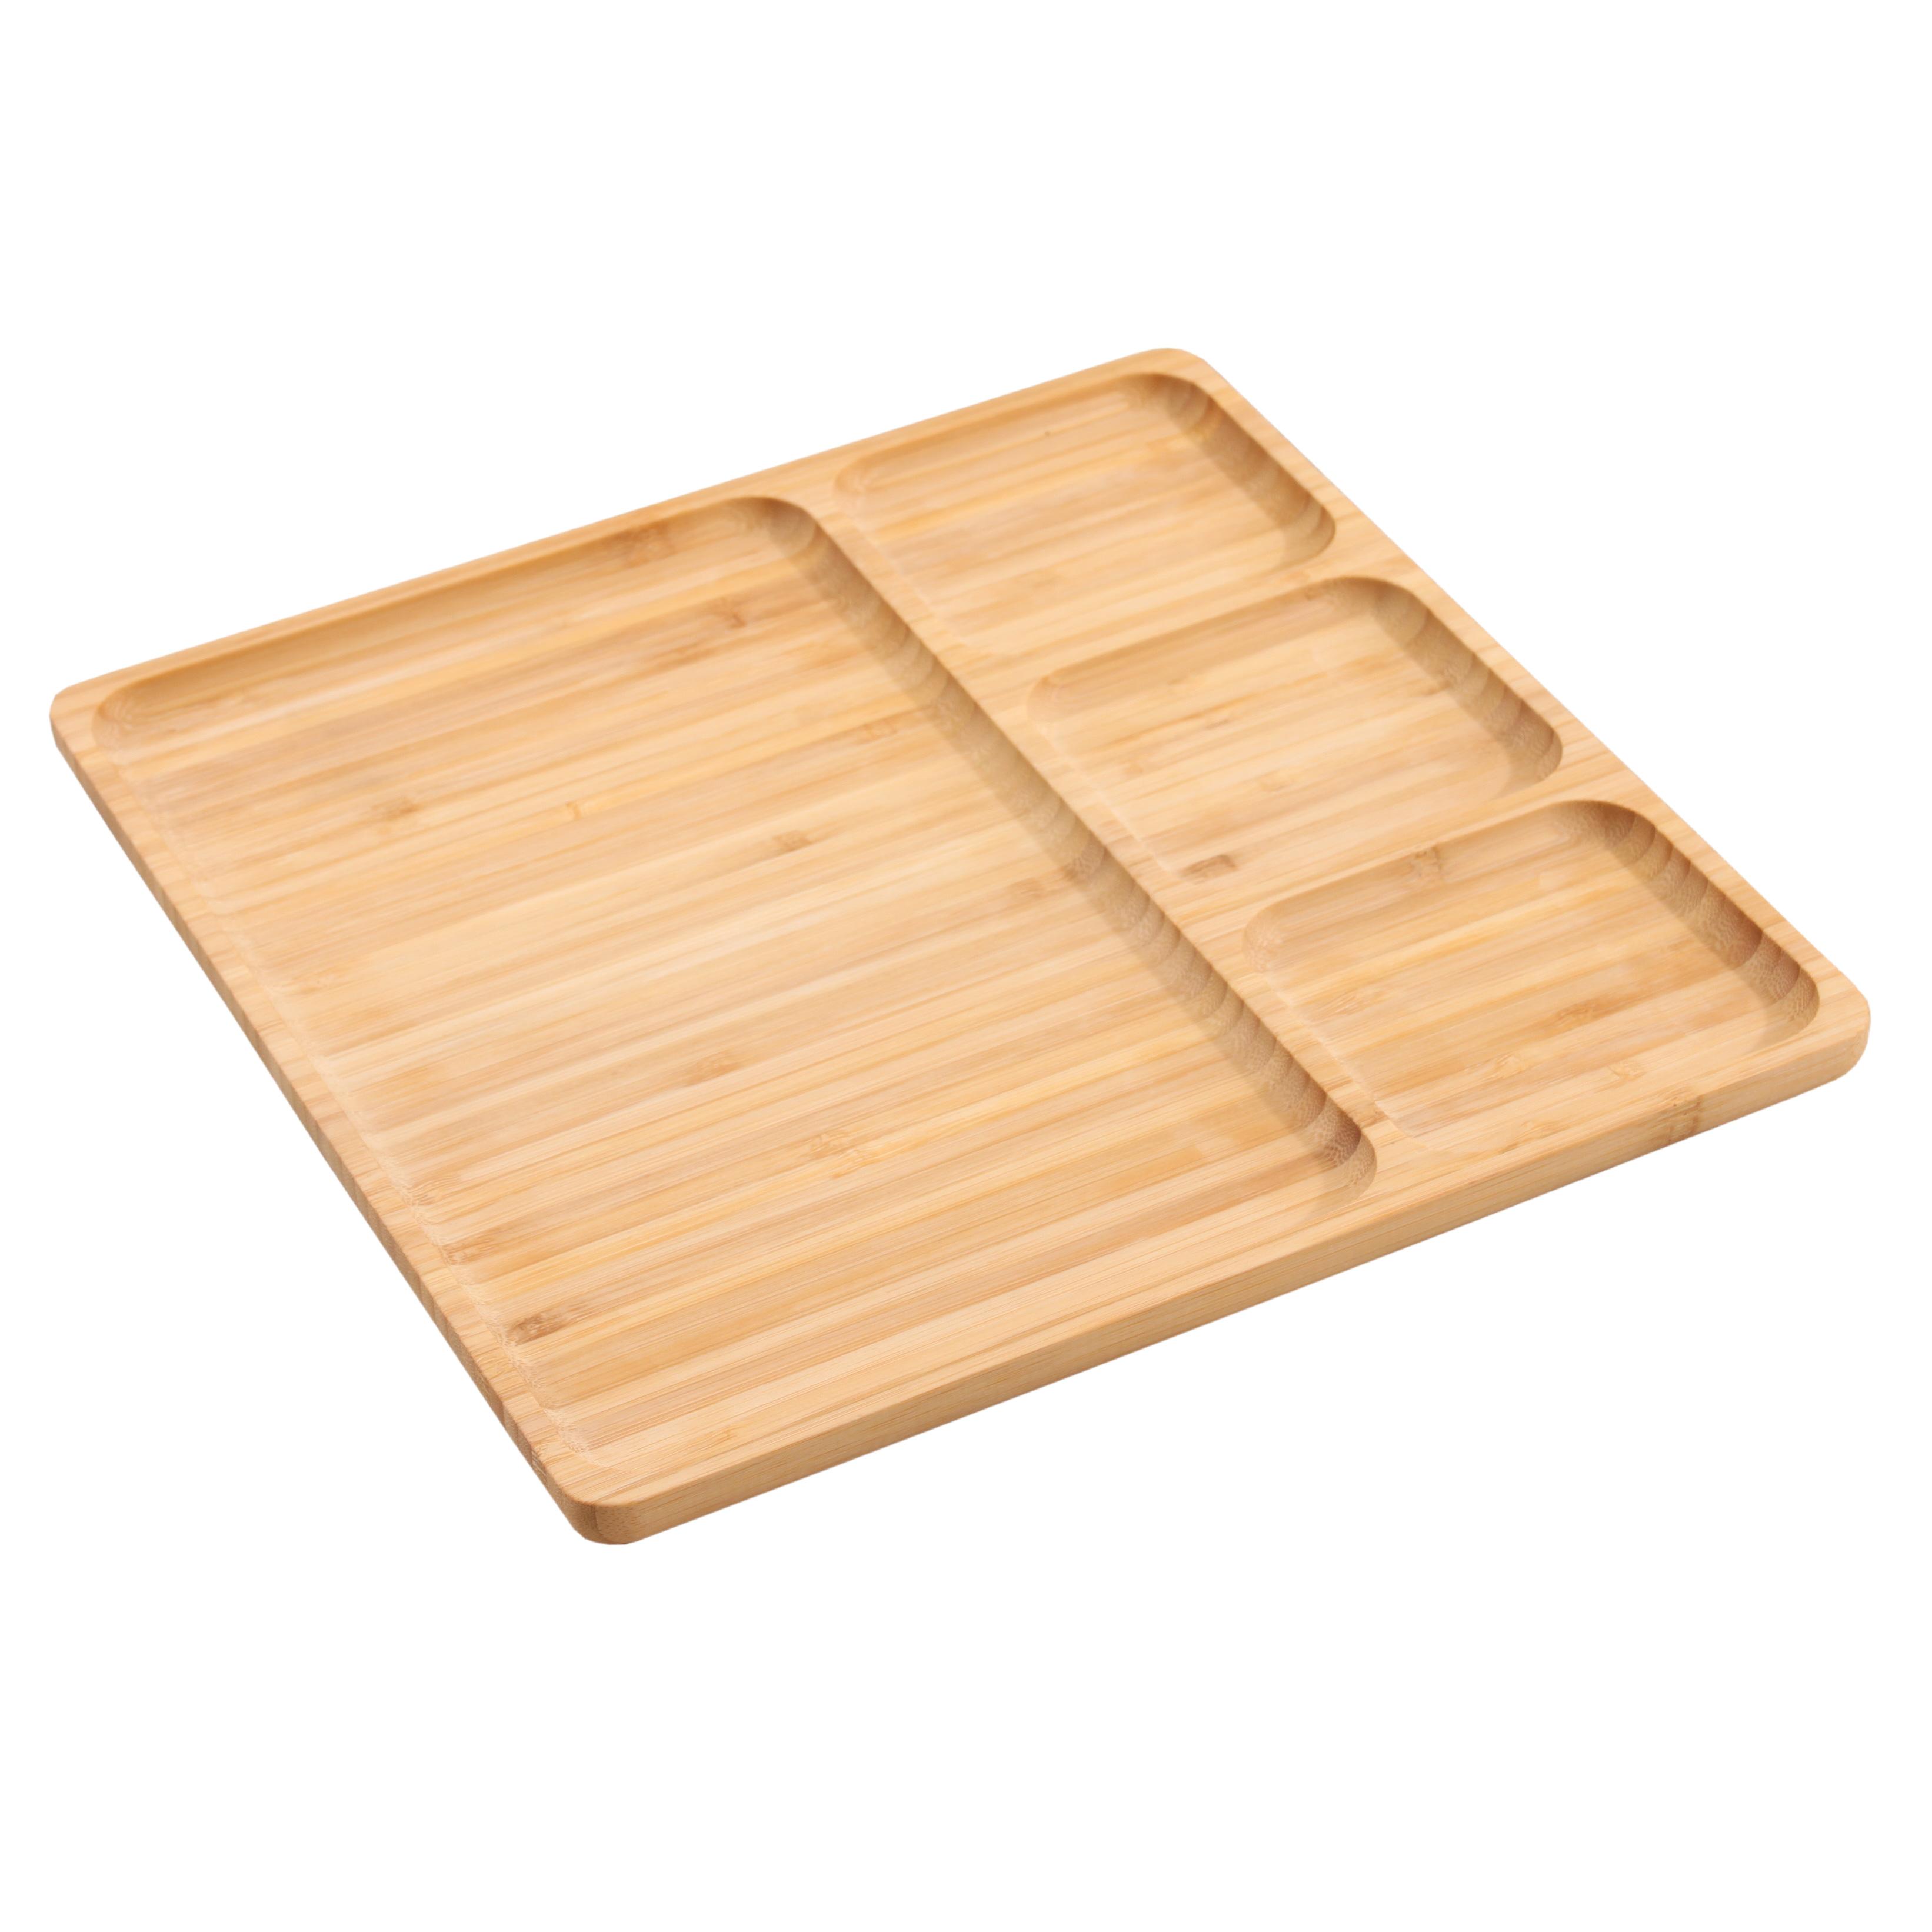 Snackplatte aus Bambus 28cm zur Präsentation von Snacks, Sushi, Salaten für Haushalt und Gastronomie